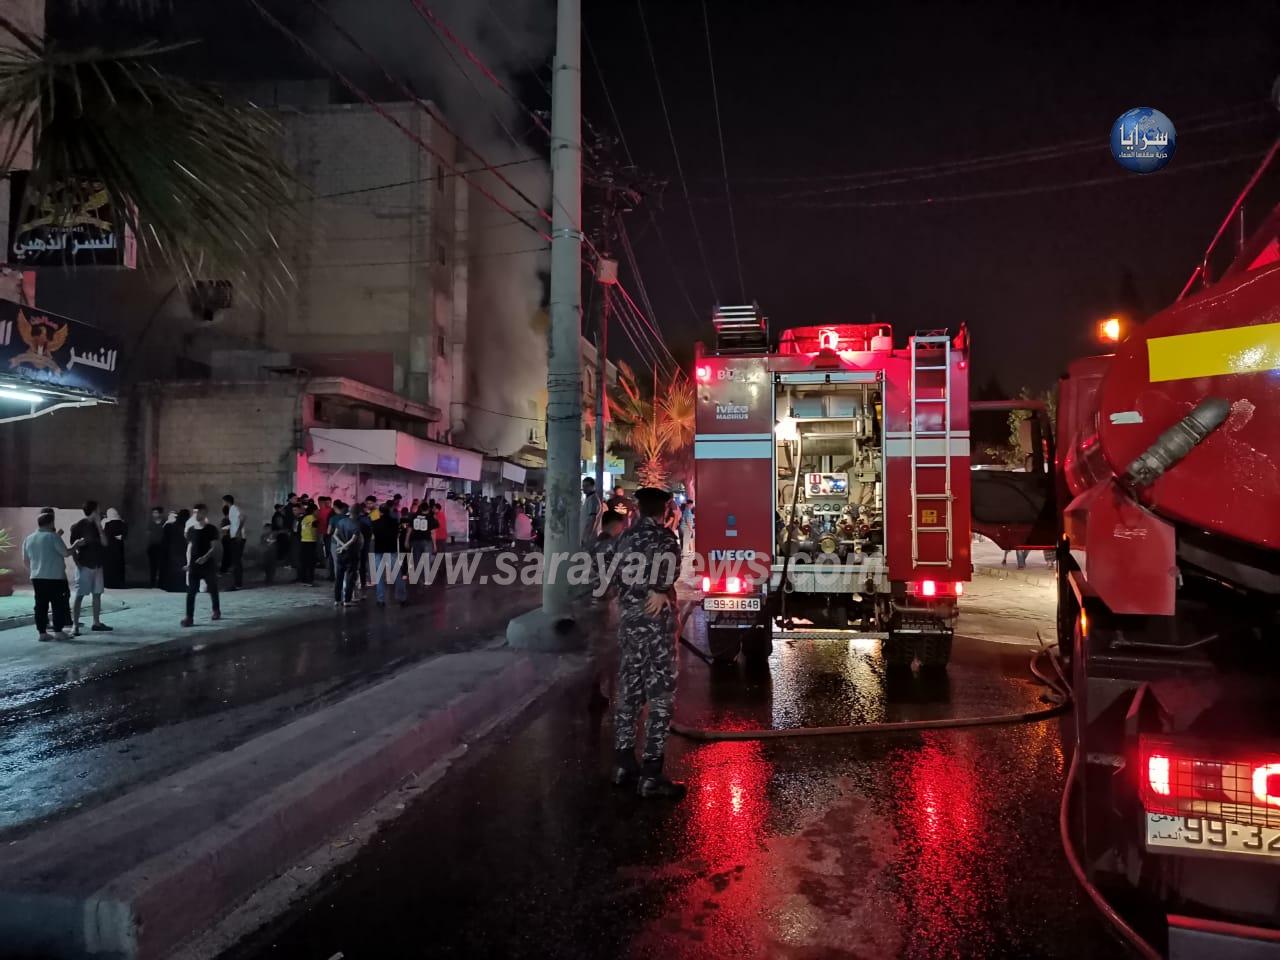 بالفيديو والصور: إخلاء بناية سكنية عقب حريق كبير داخل منجرة في اربد